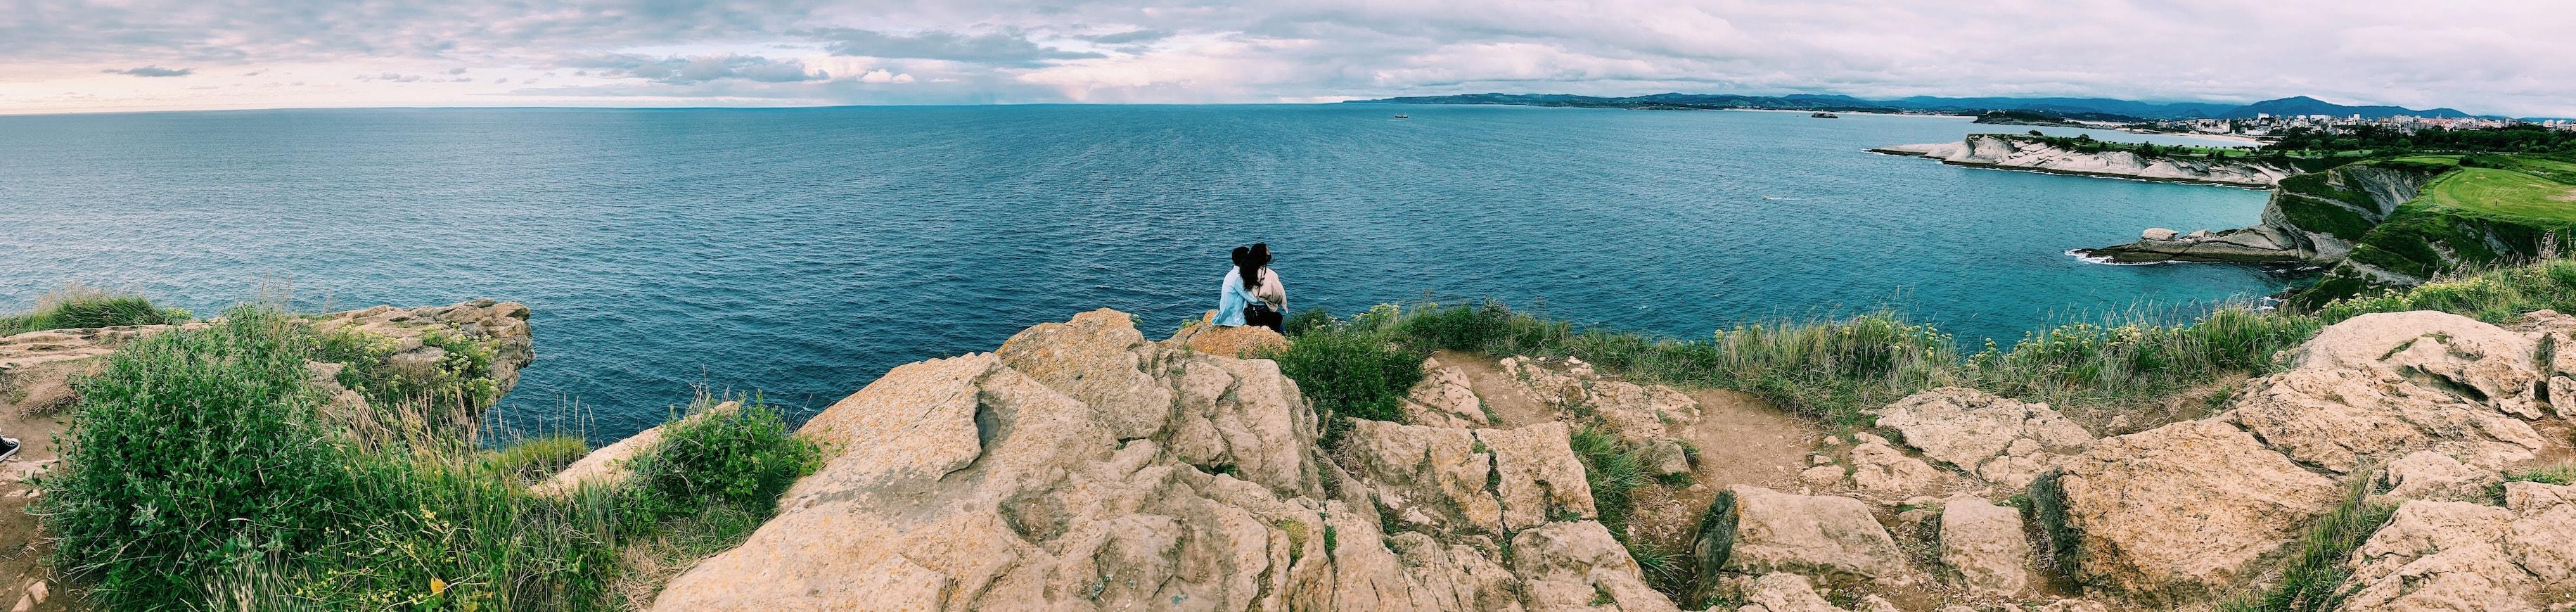 Vistas desde el Faro de Santander tomadas con smartphone